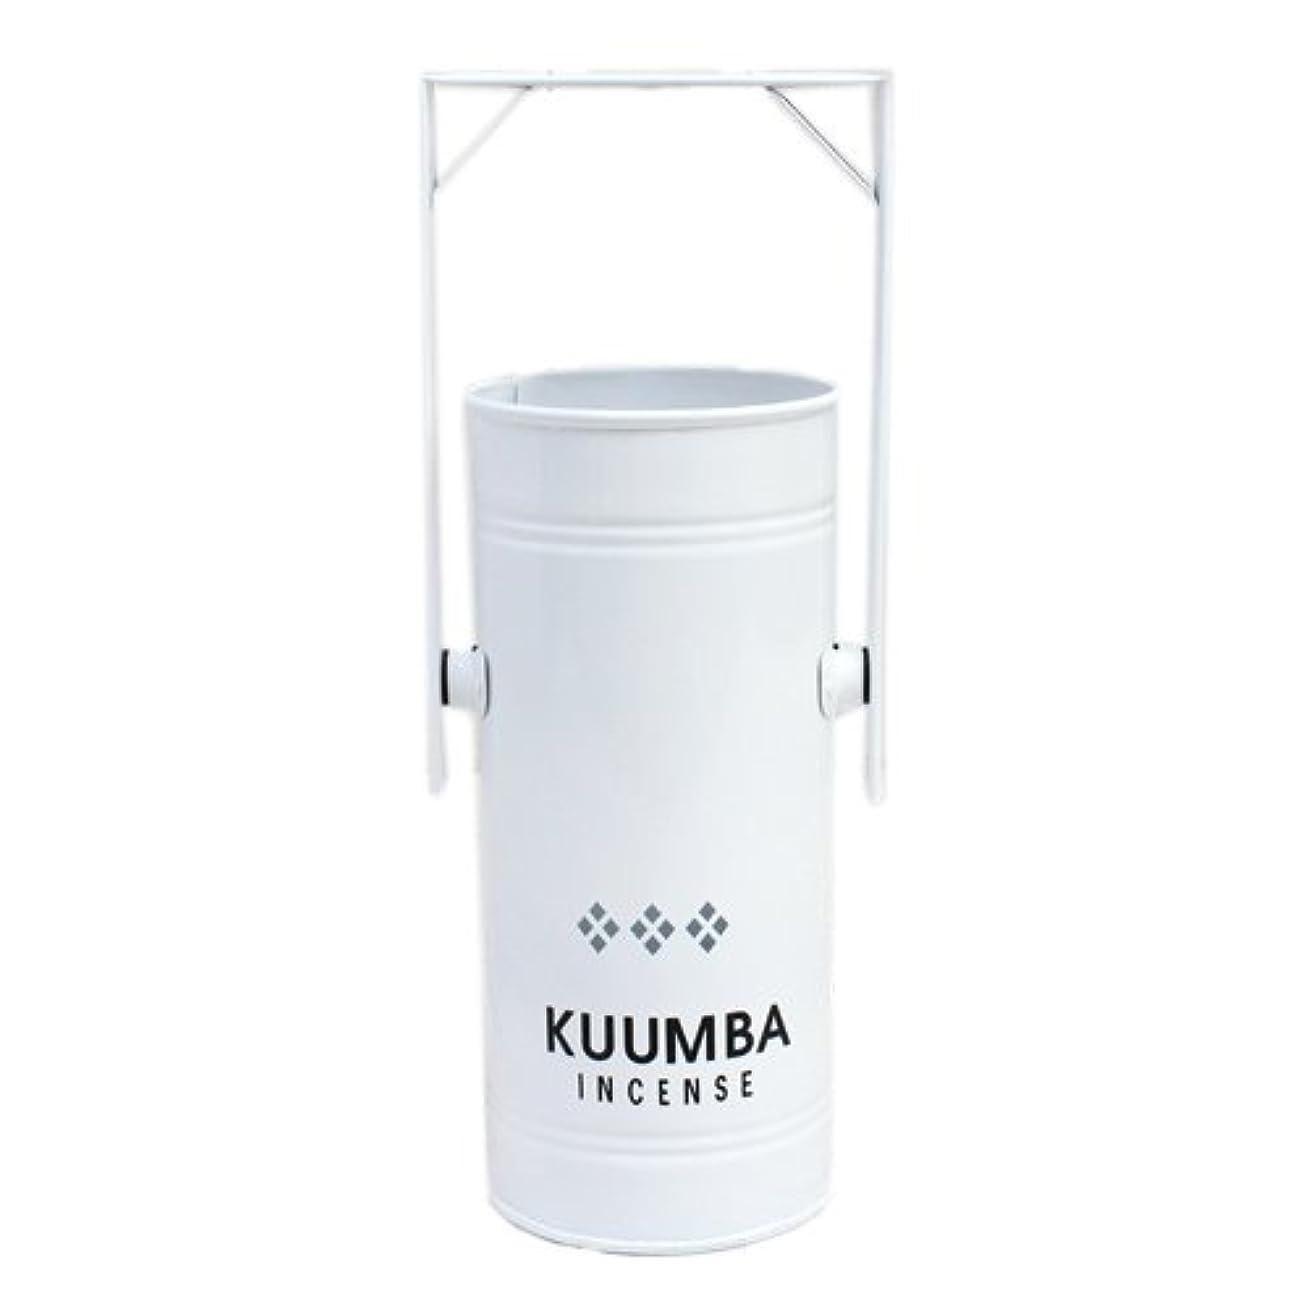 論争の的アート機構KUUMBA (クンバ)『INCENSE BURNER-Regular』(WHITE) (ONE SIZE, WHITE)